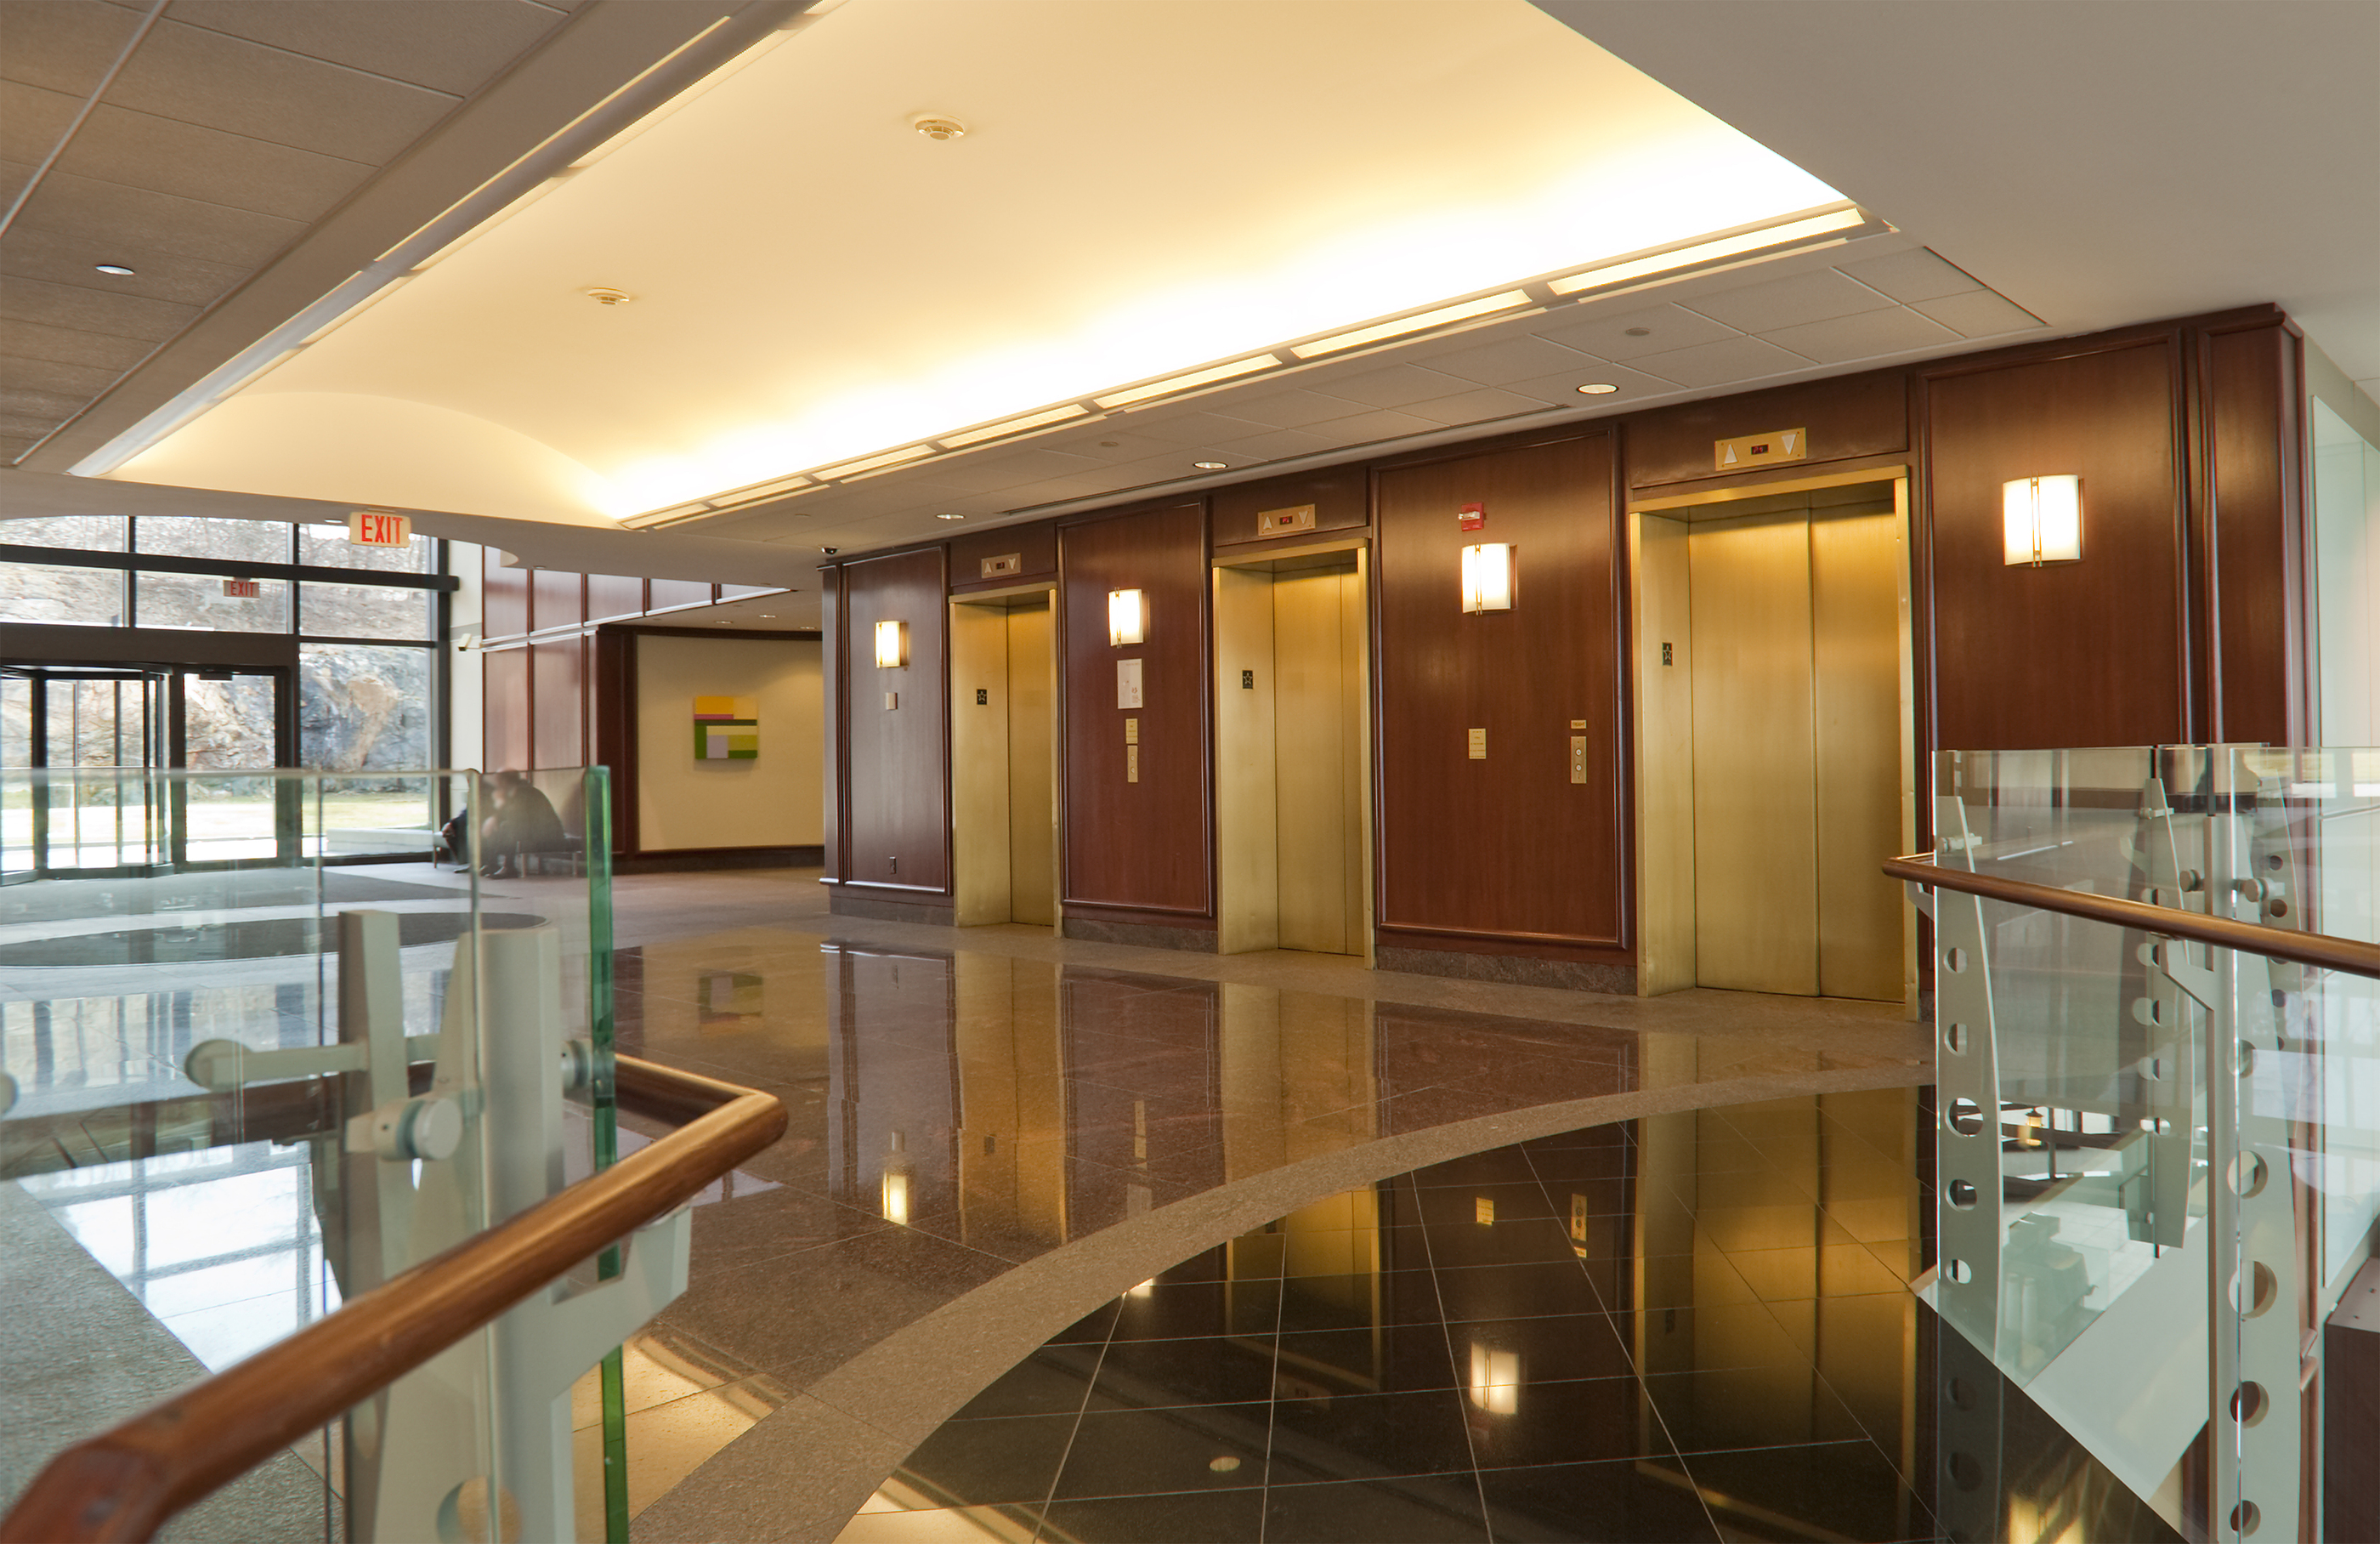 Elevators in office building